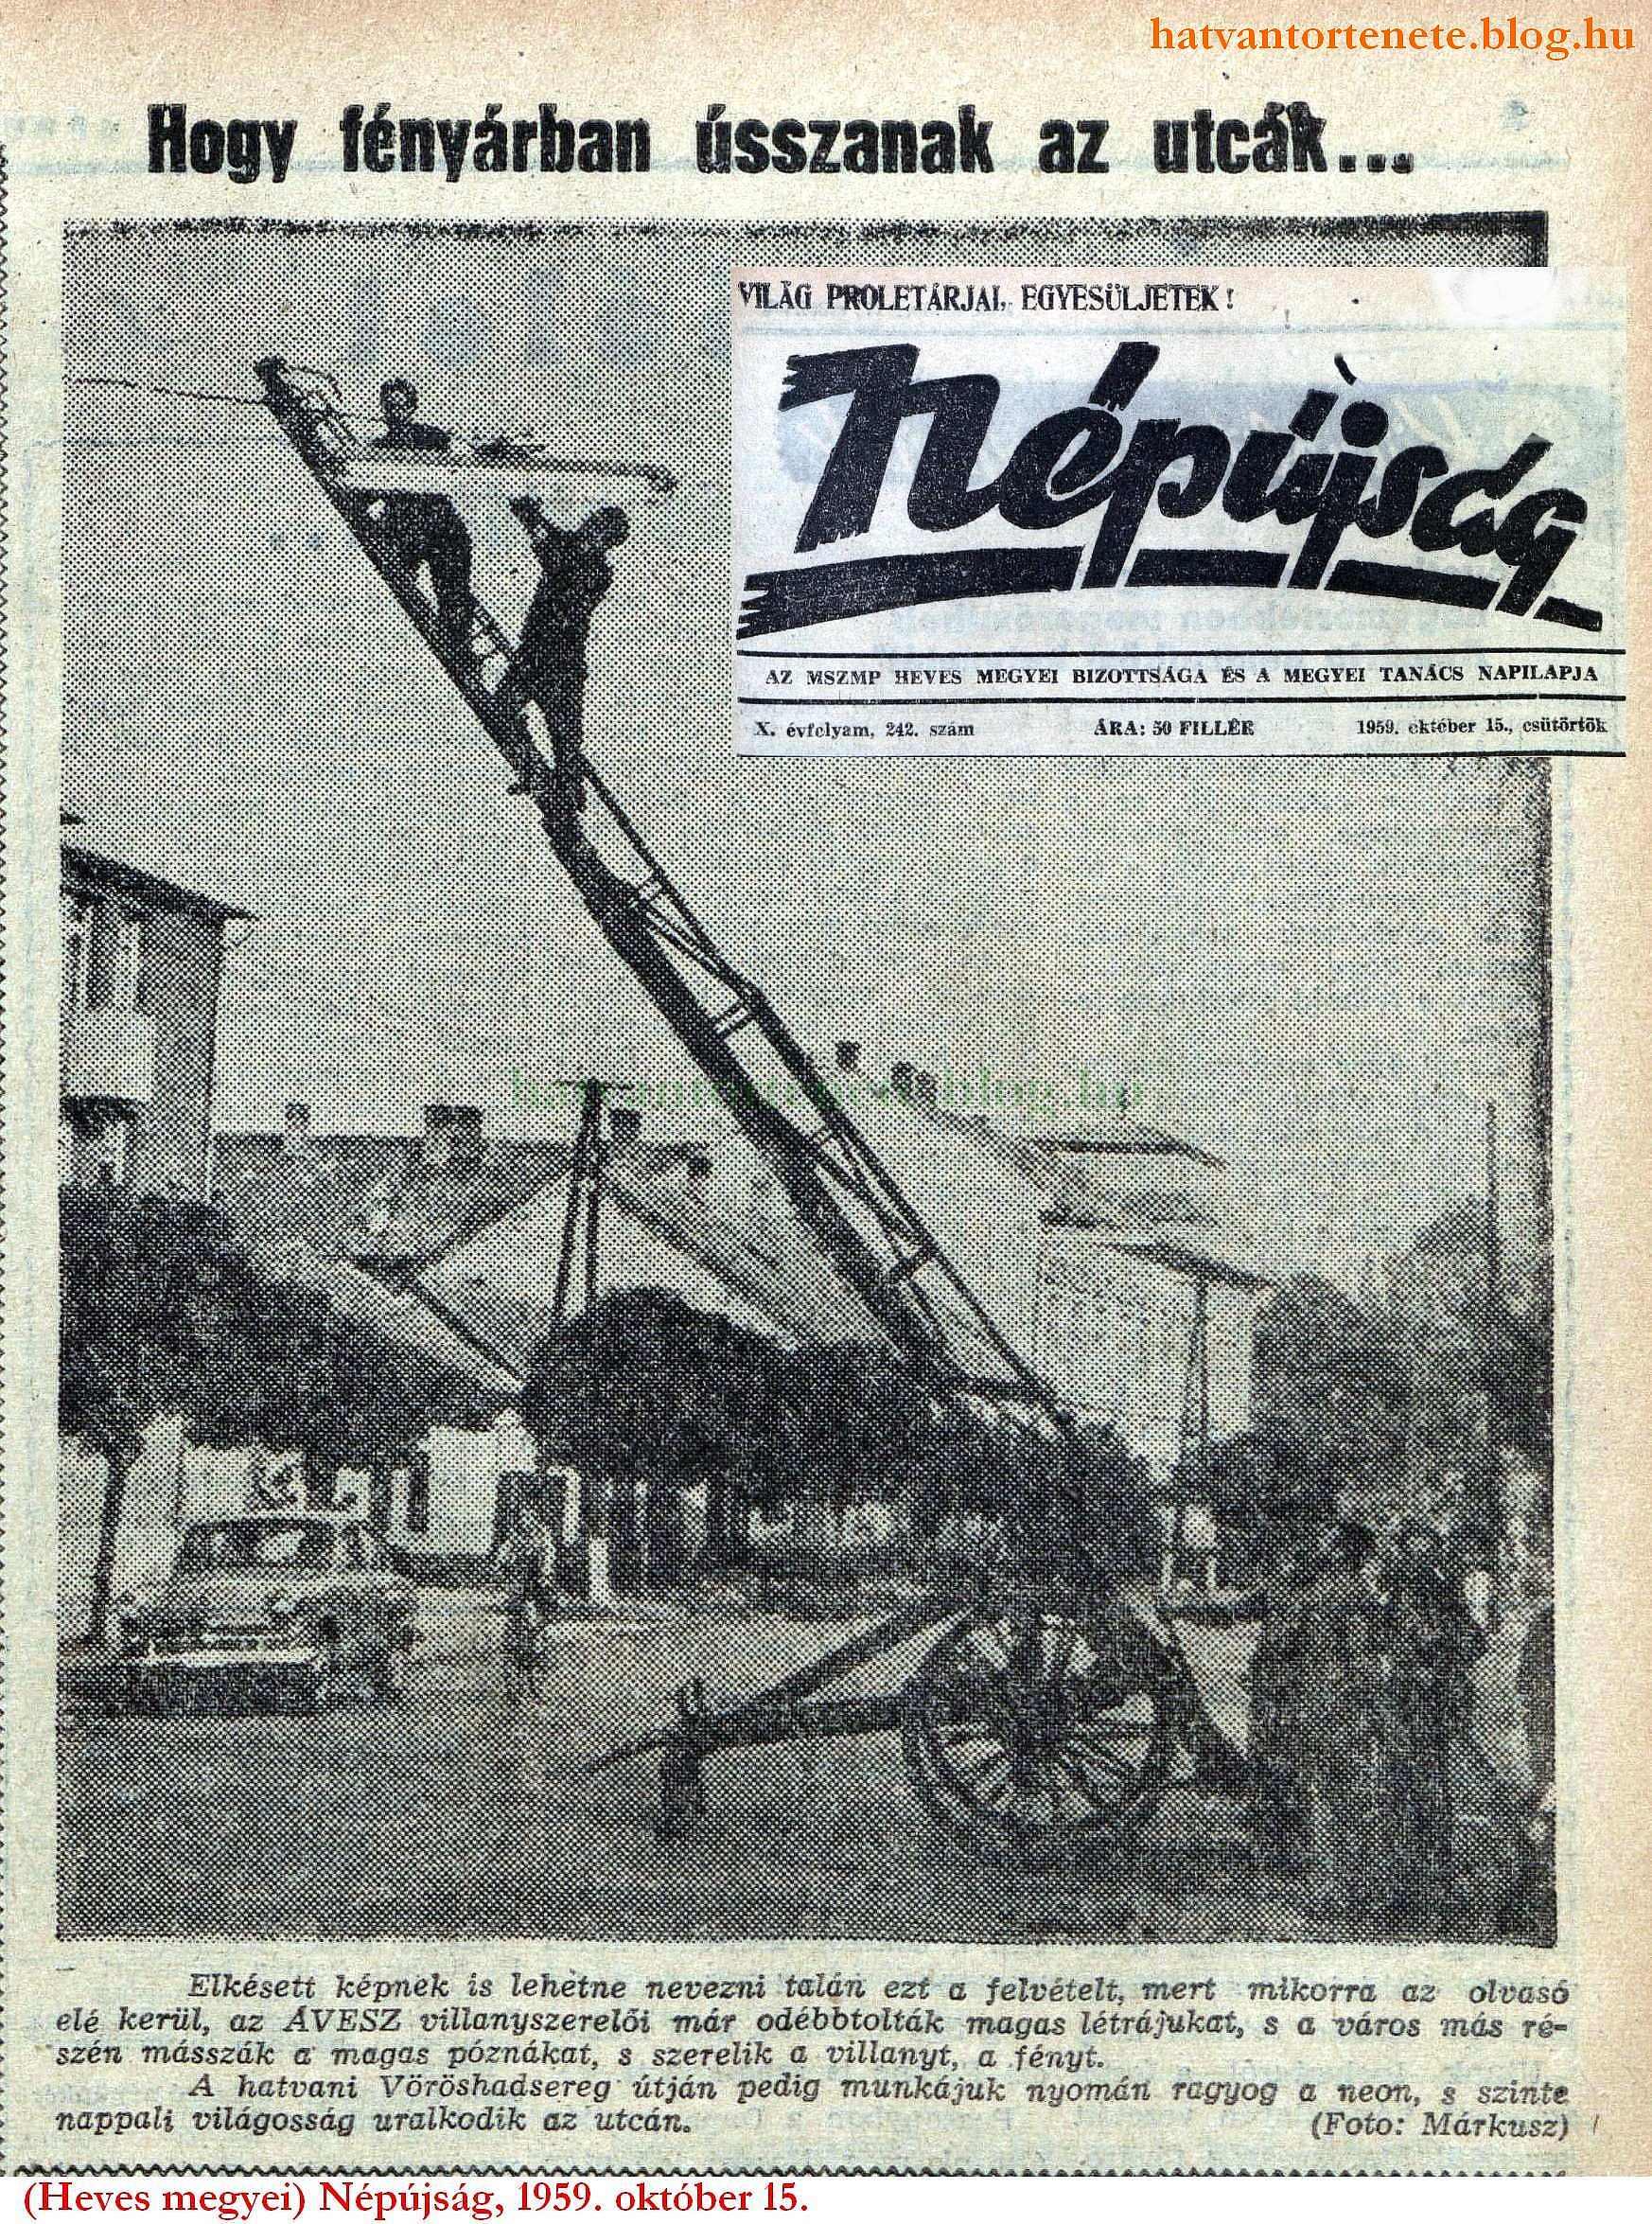 1959.10.15. (1) Főút fénykép - vágott együtt v3.jpg